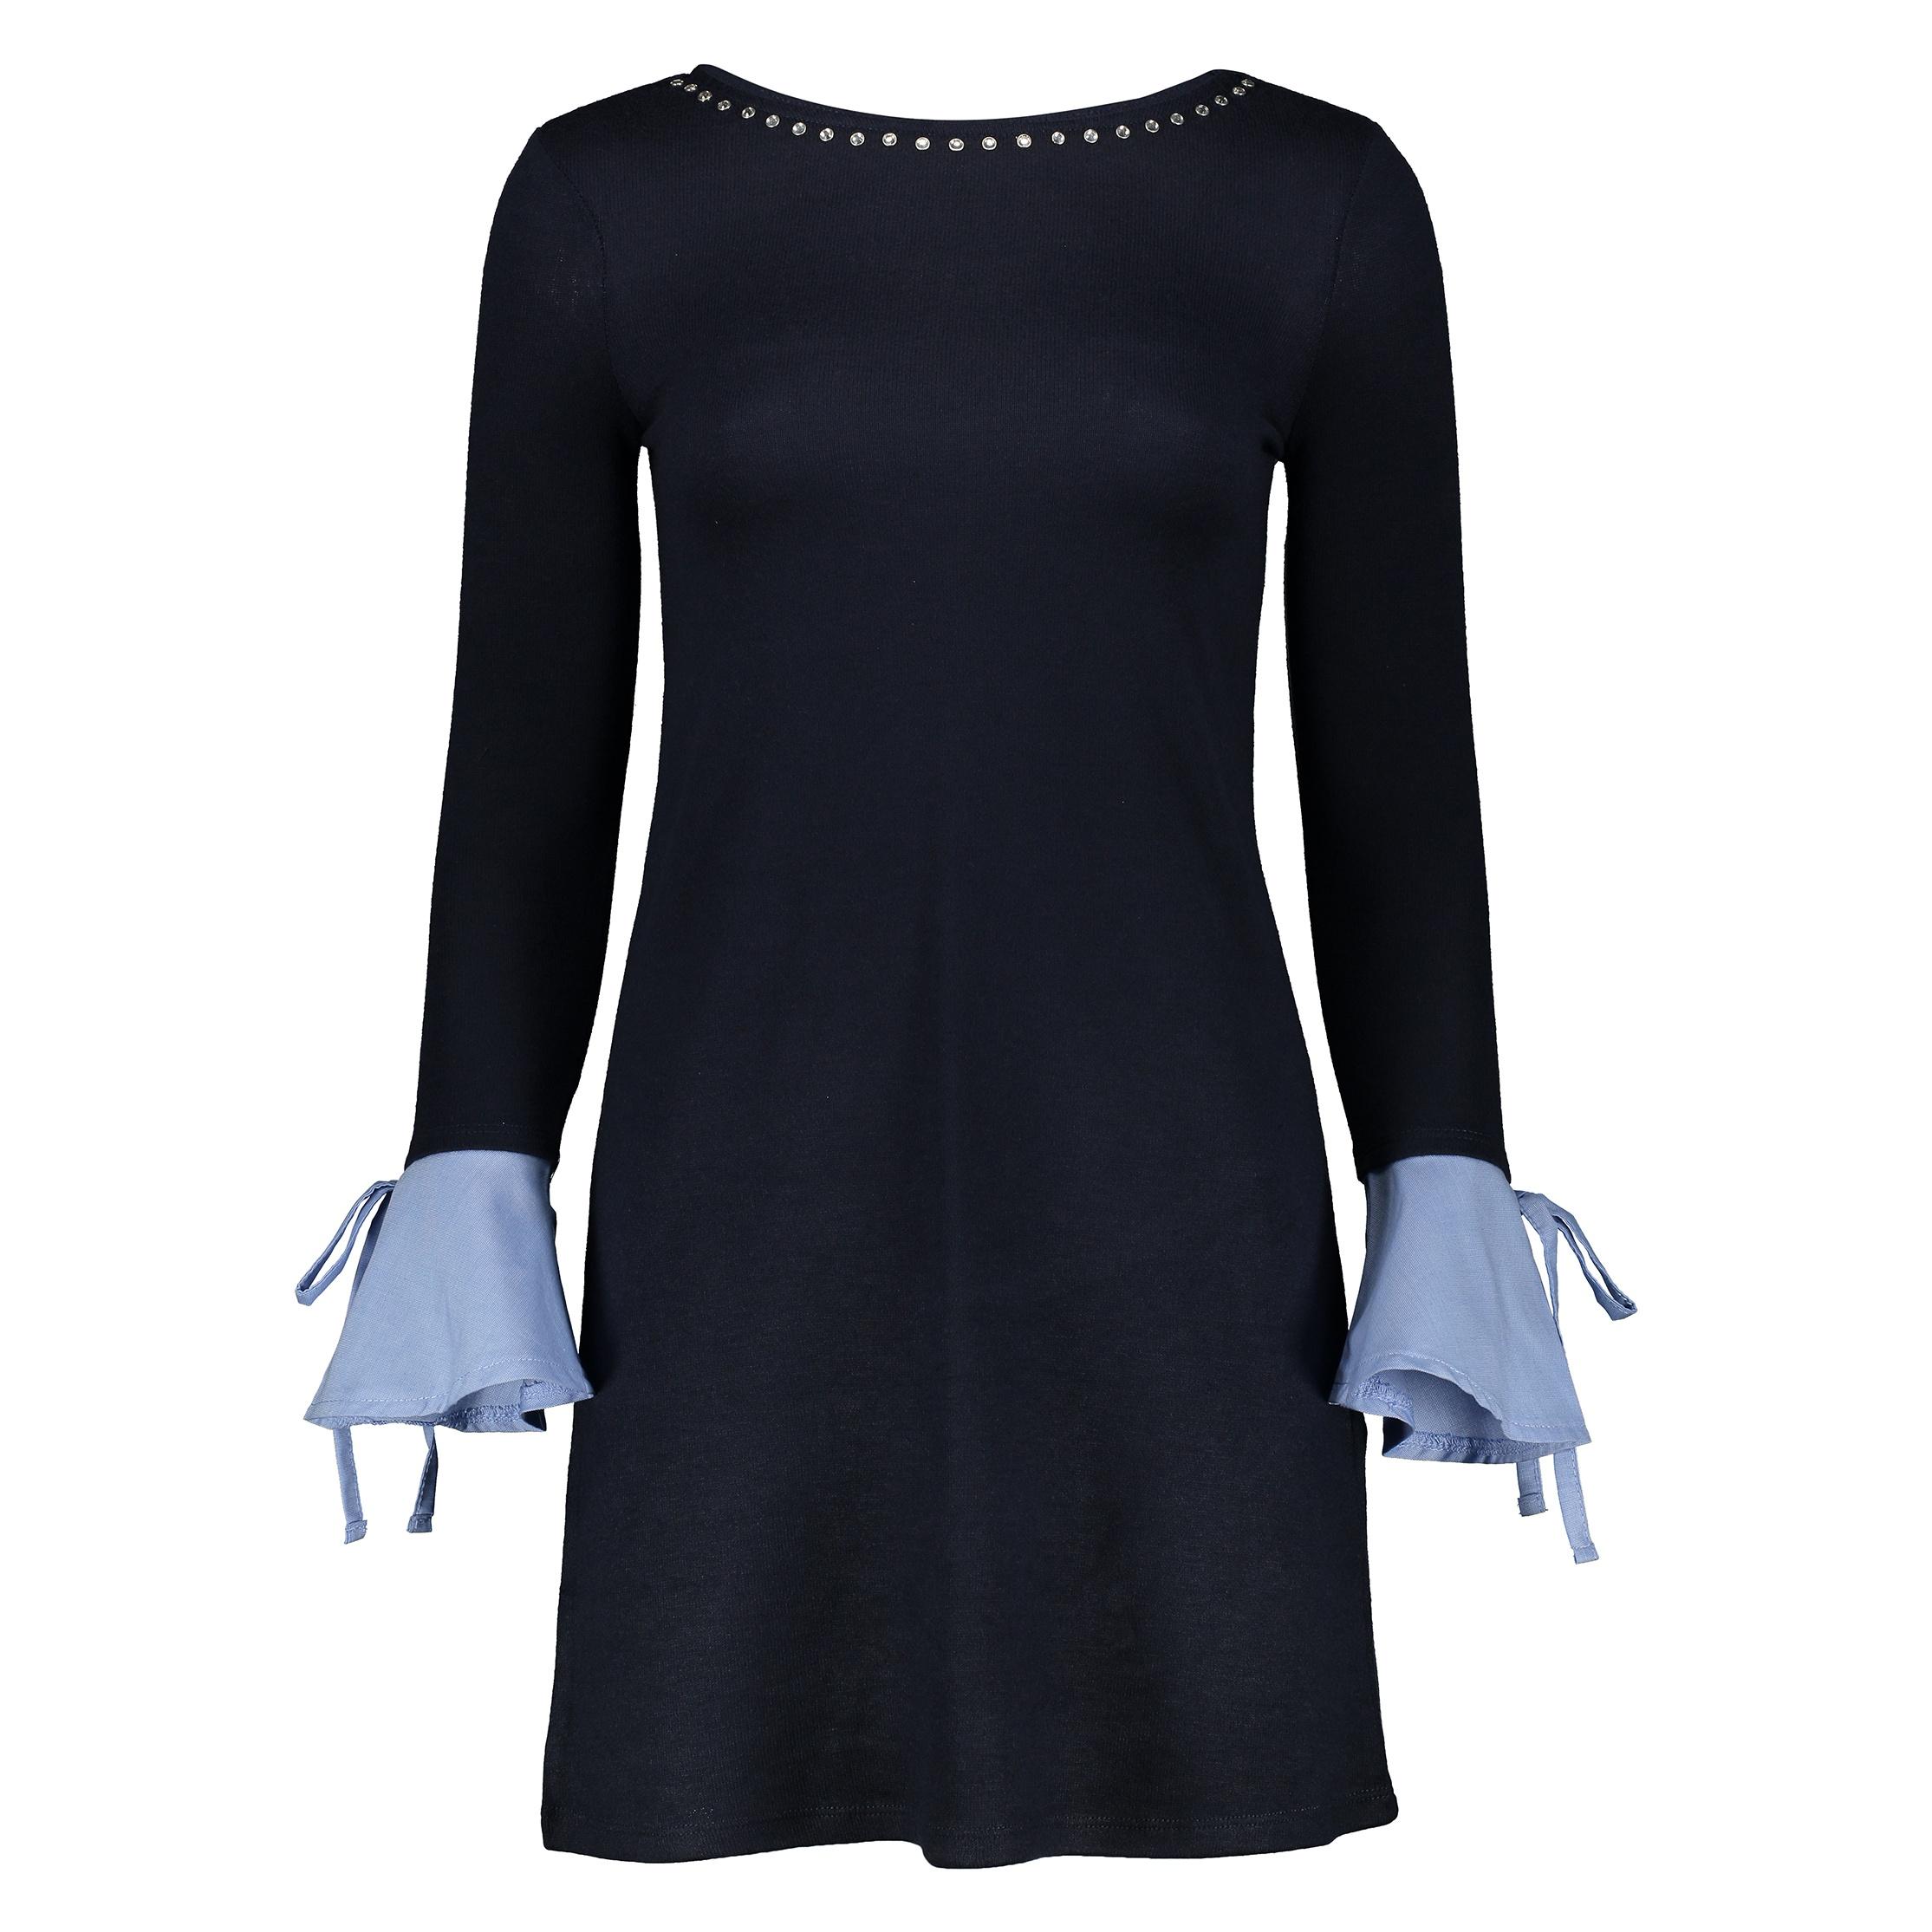 پیراهن زنانه اسپرینگ فیلد مدل 8954682-BLUES